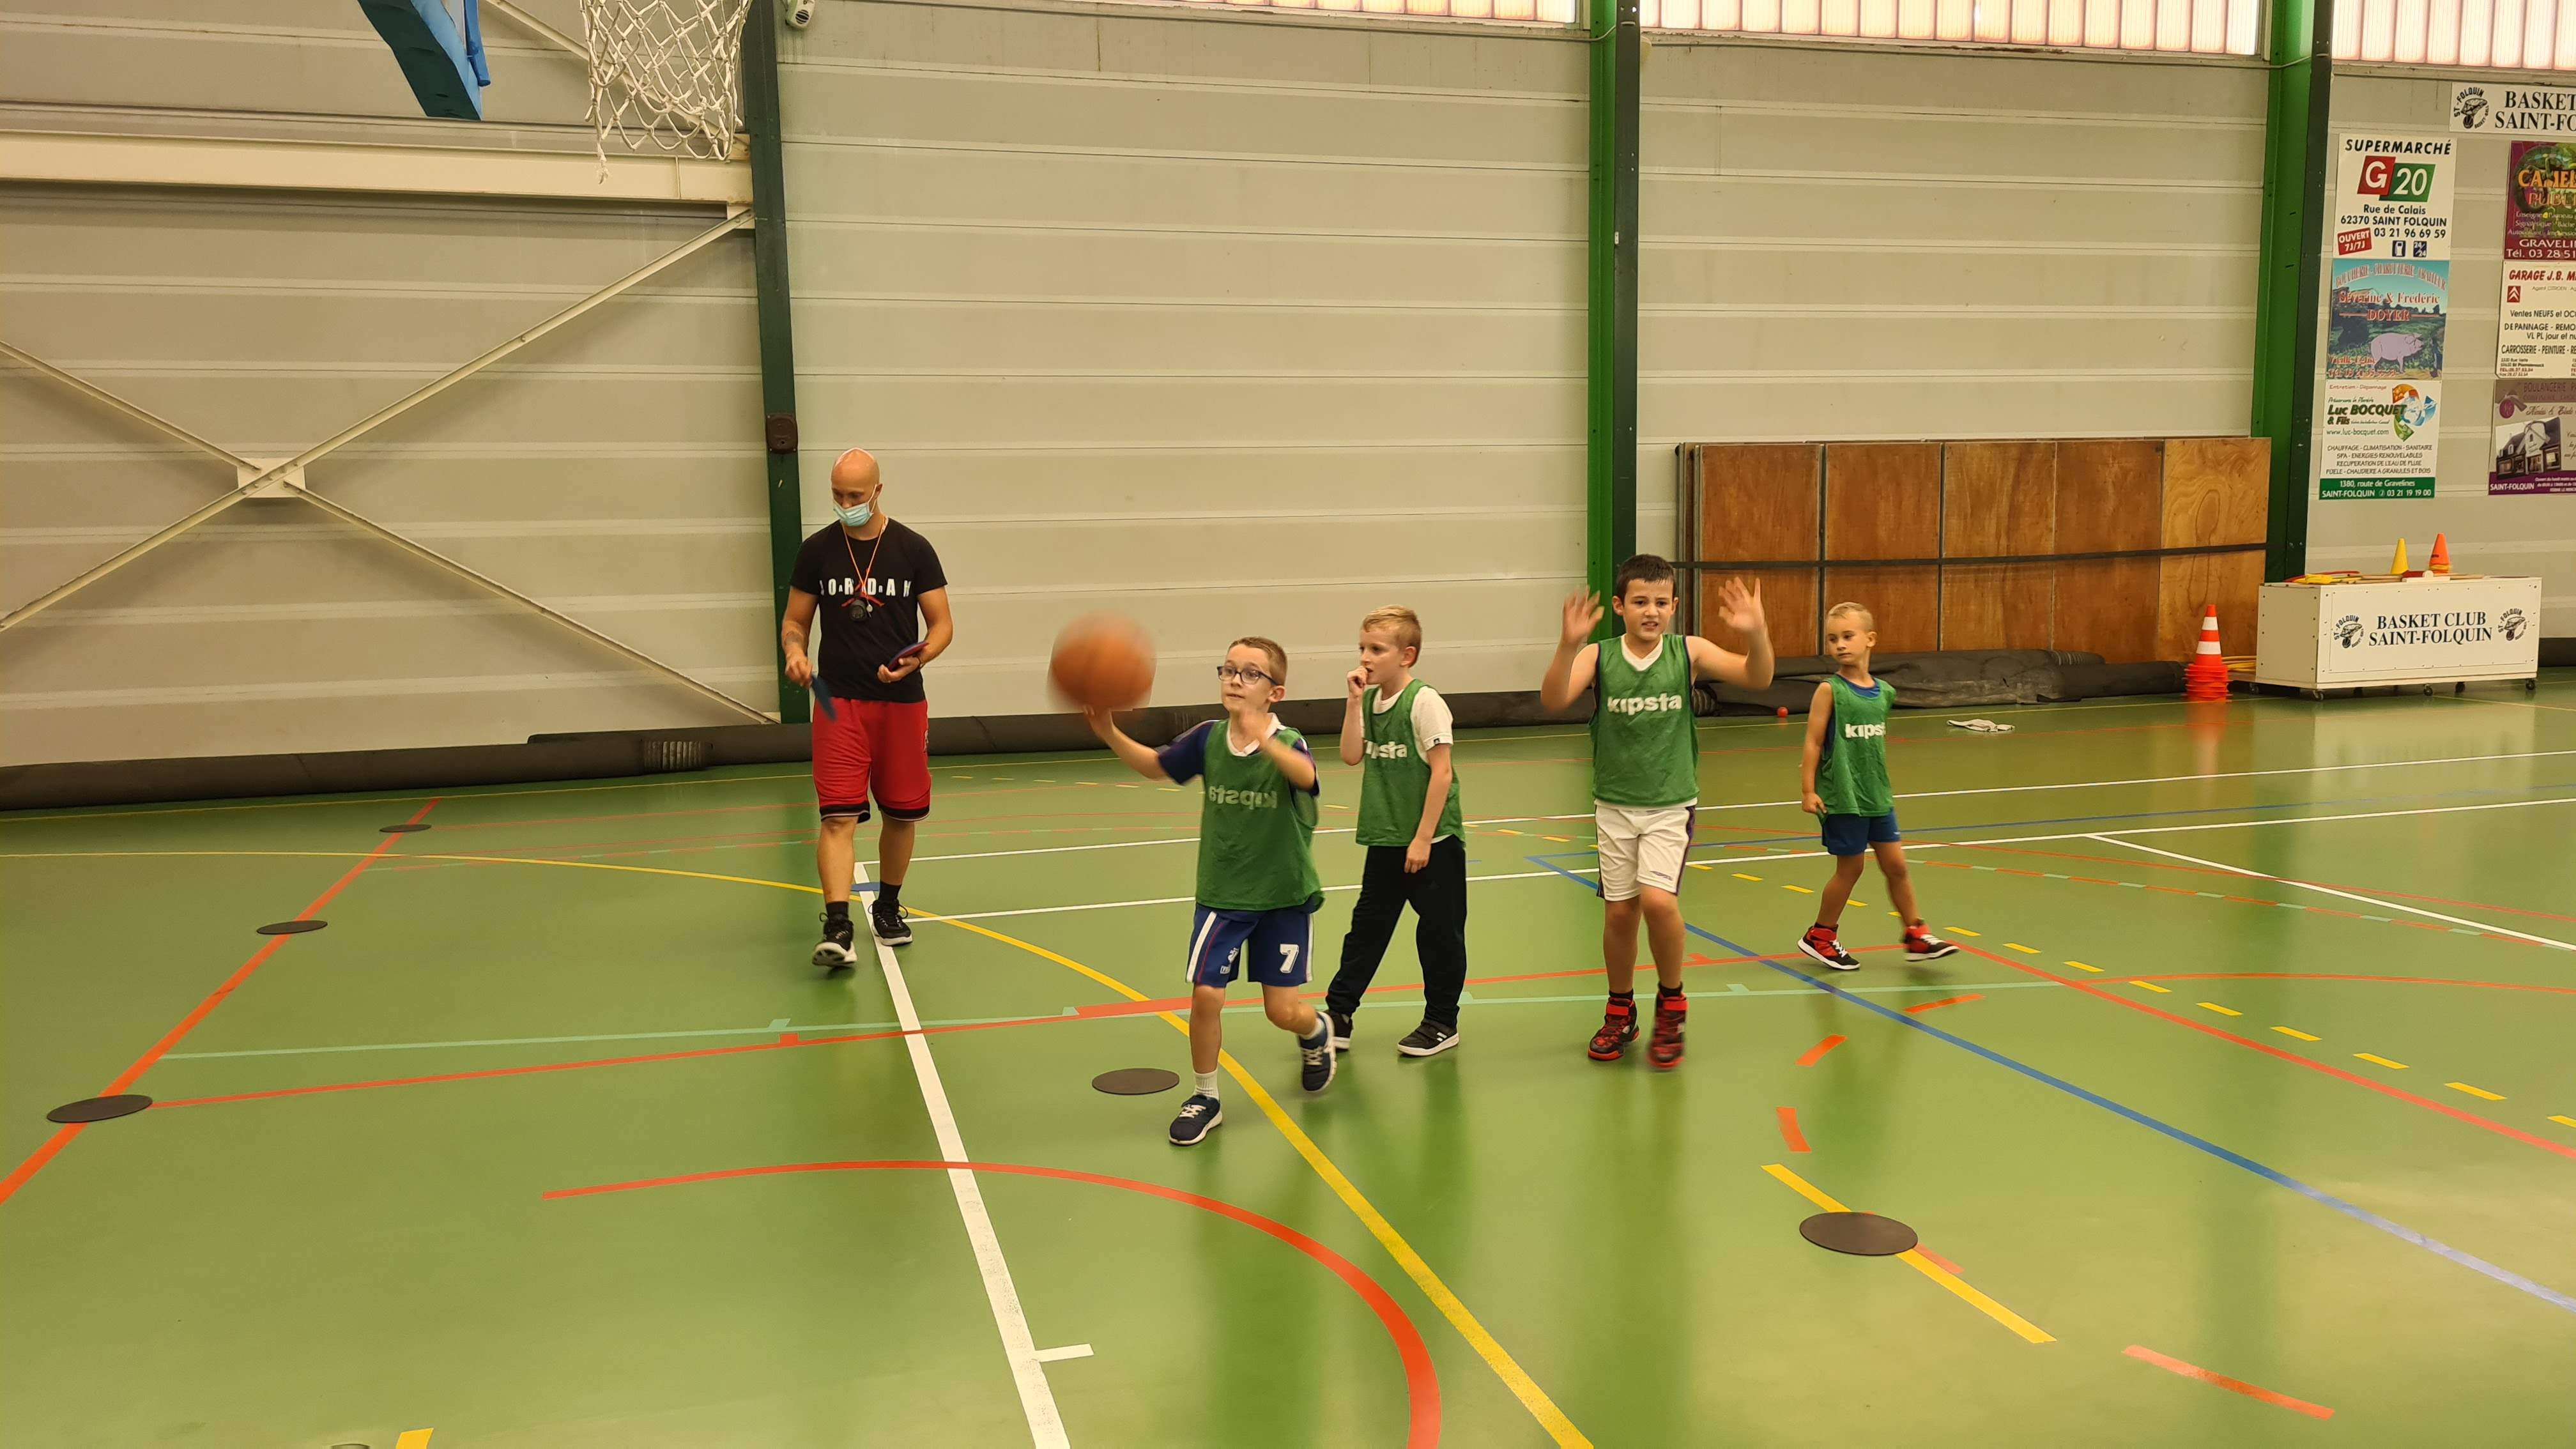 entrainement salle des sports